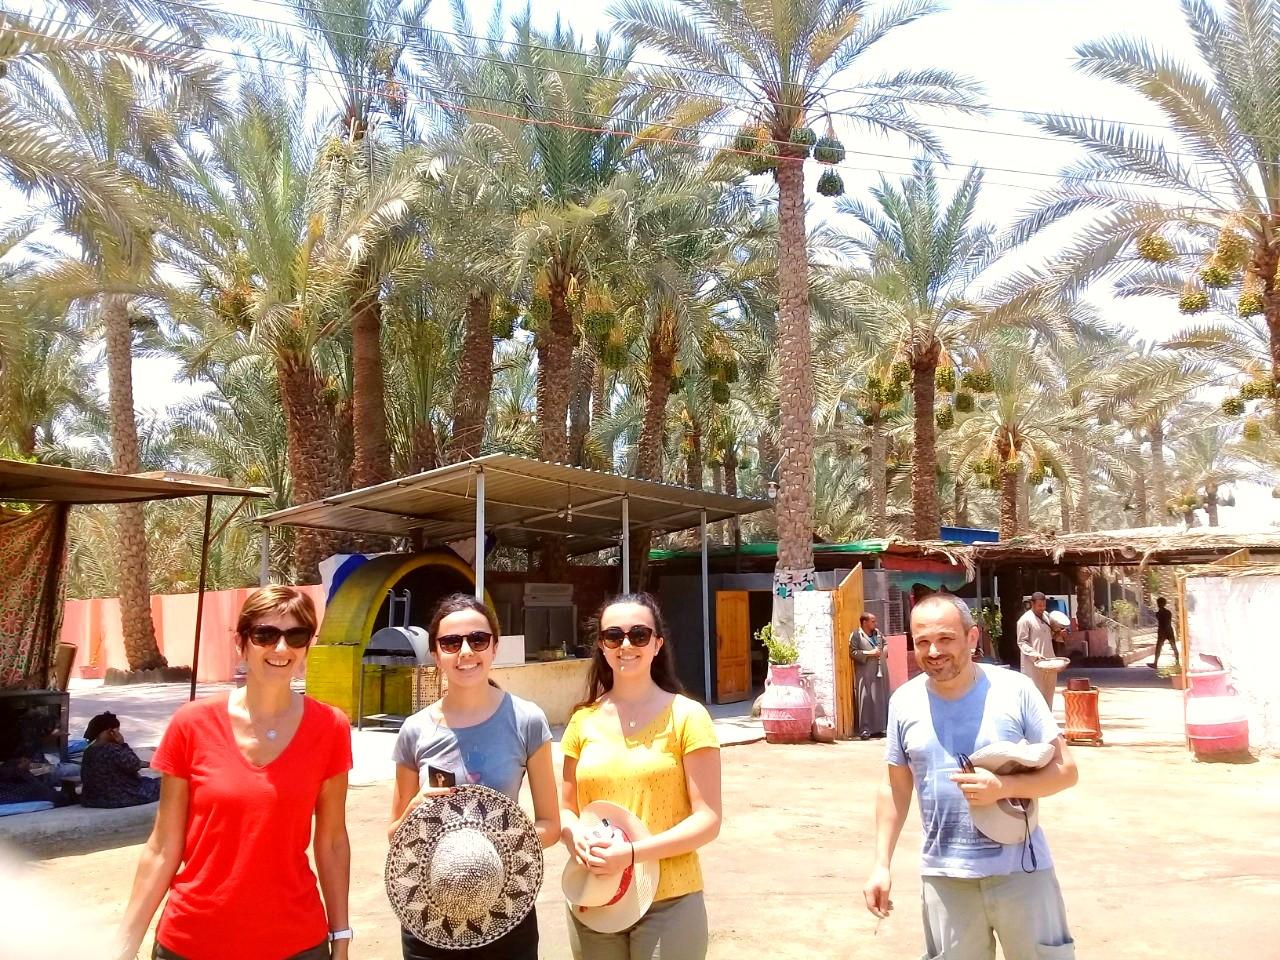 Vacances Egypte en famille | toute son équipe nous ont préparé un voyage pensé dans le moindre détail